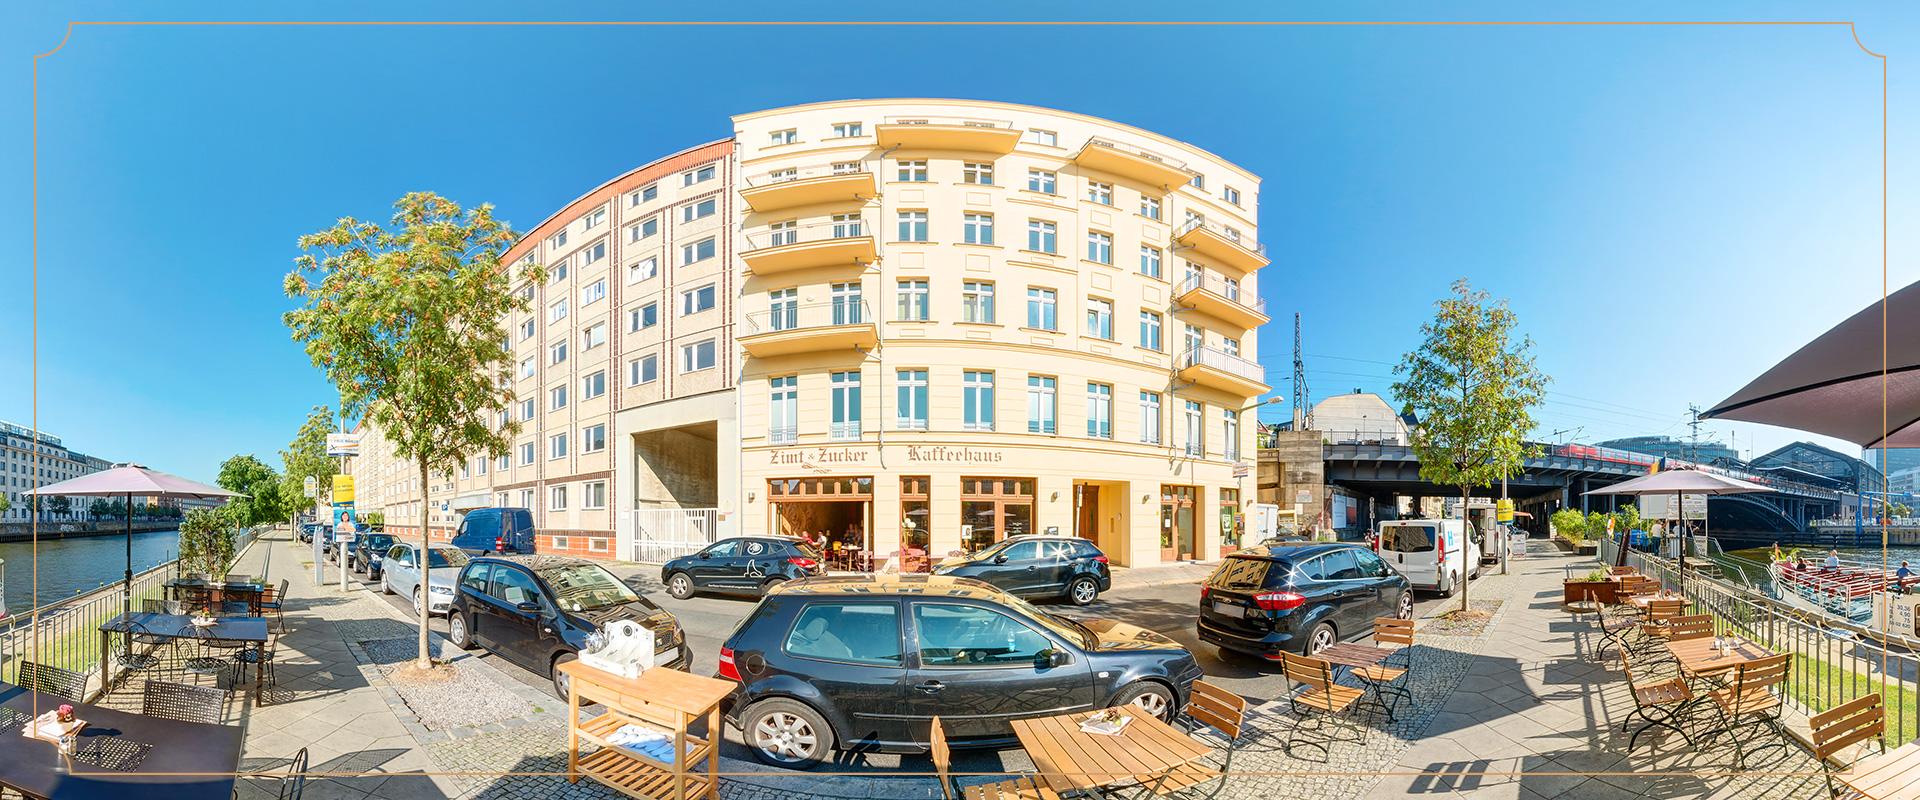 Kontakt Zimt und Zucker Berlin Friedrichstraße Panorama Außenansicht